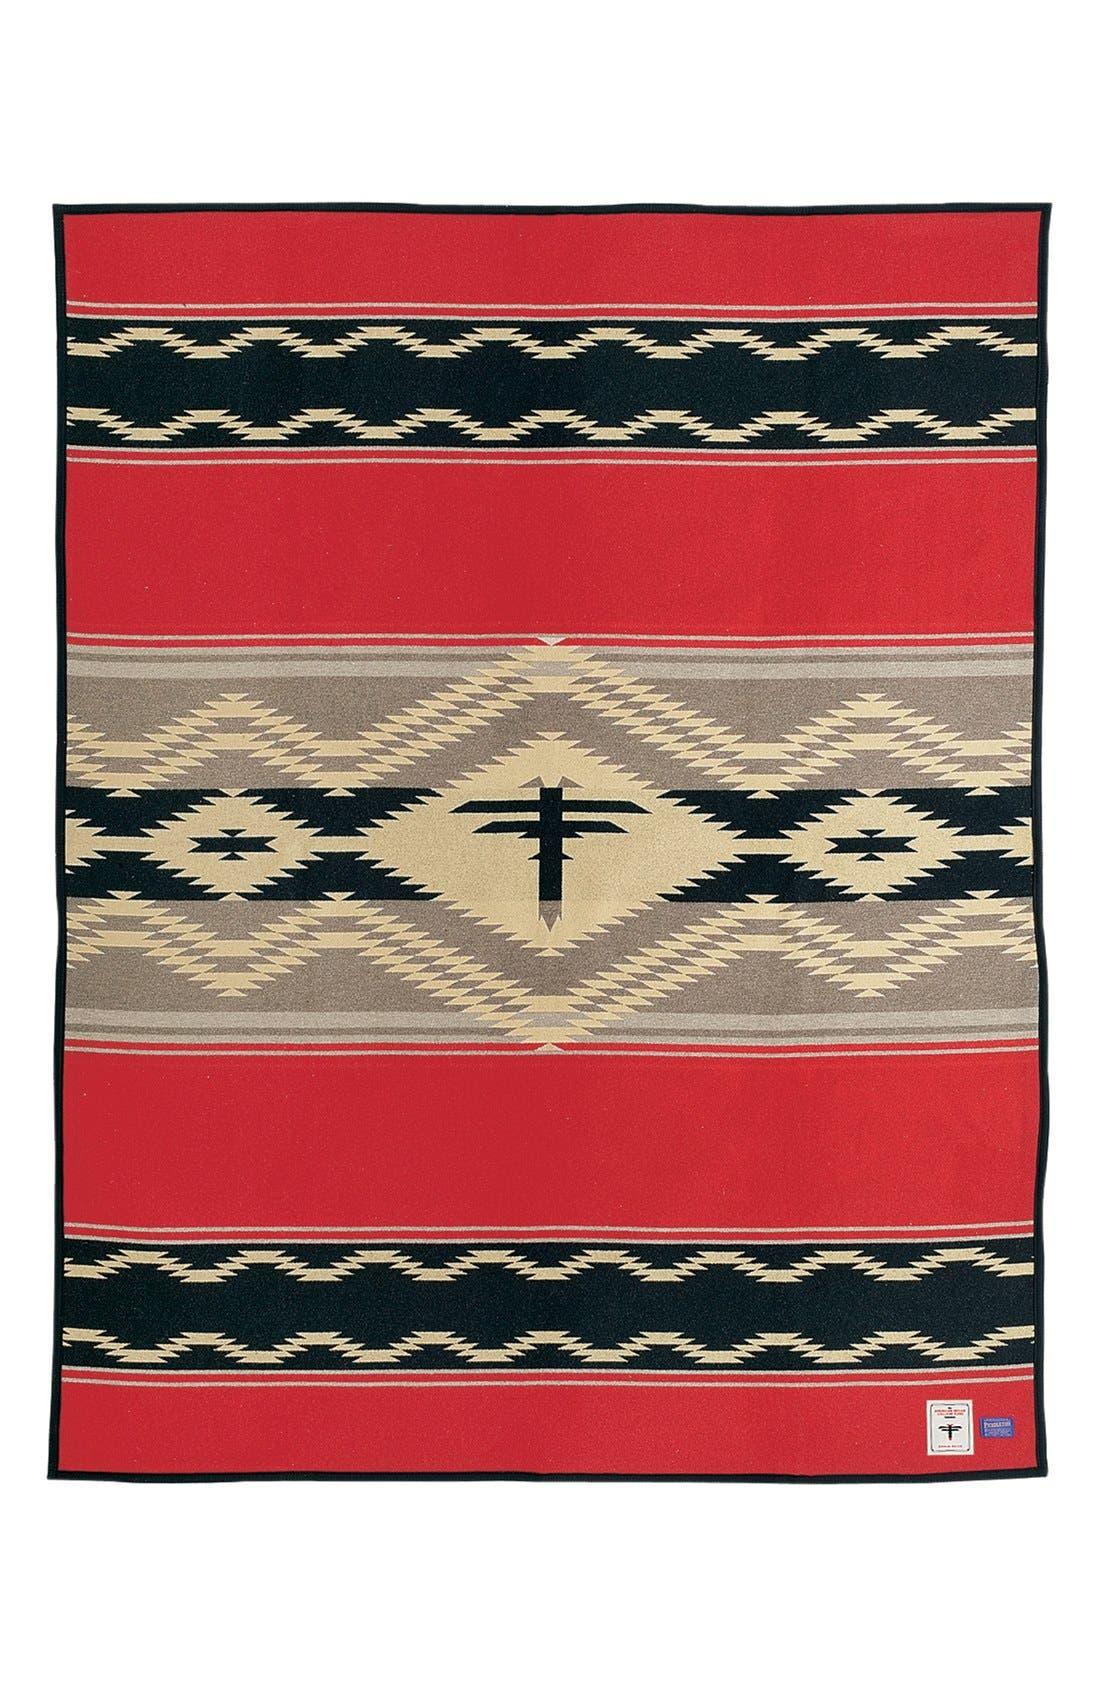 Alternate Image 1 Selected - Pendleton 'Water' Wool Blend Blanket